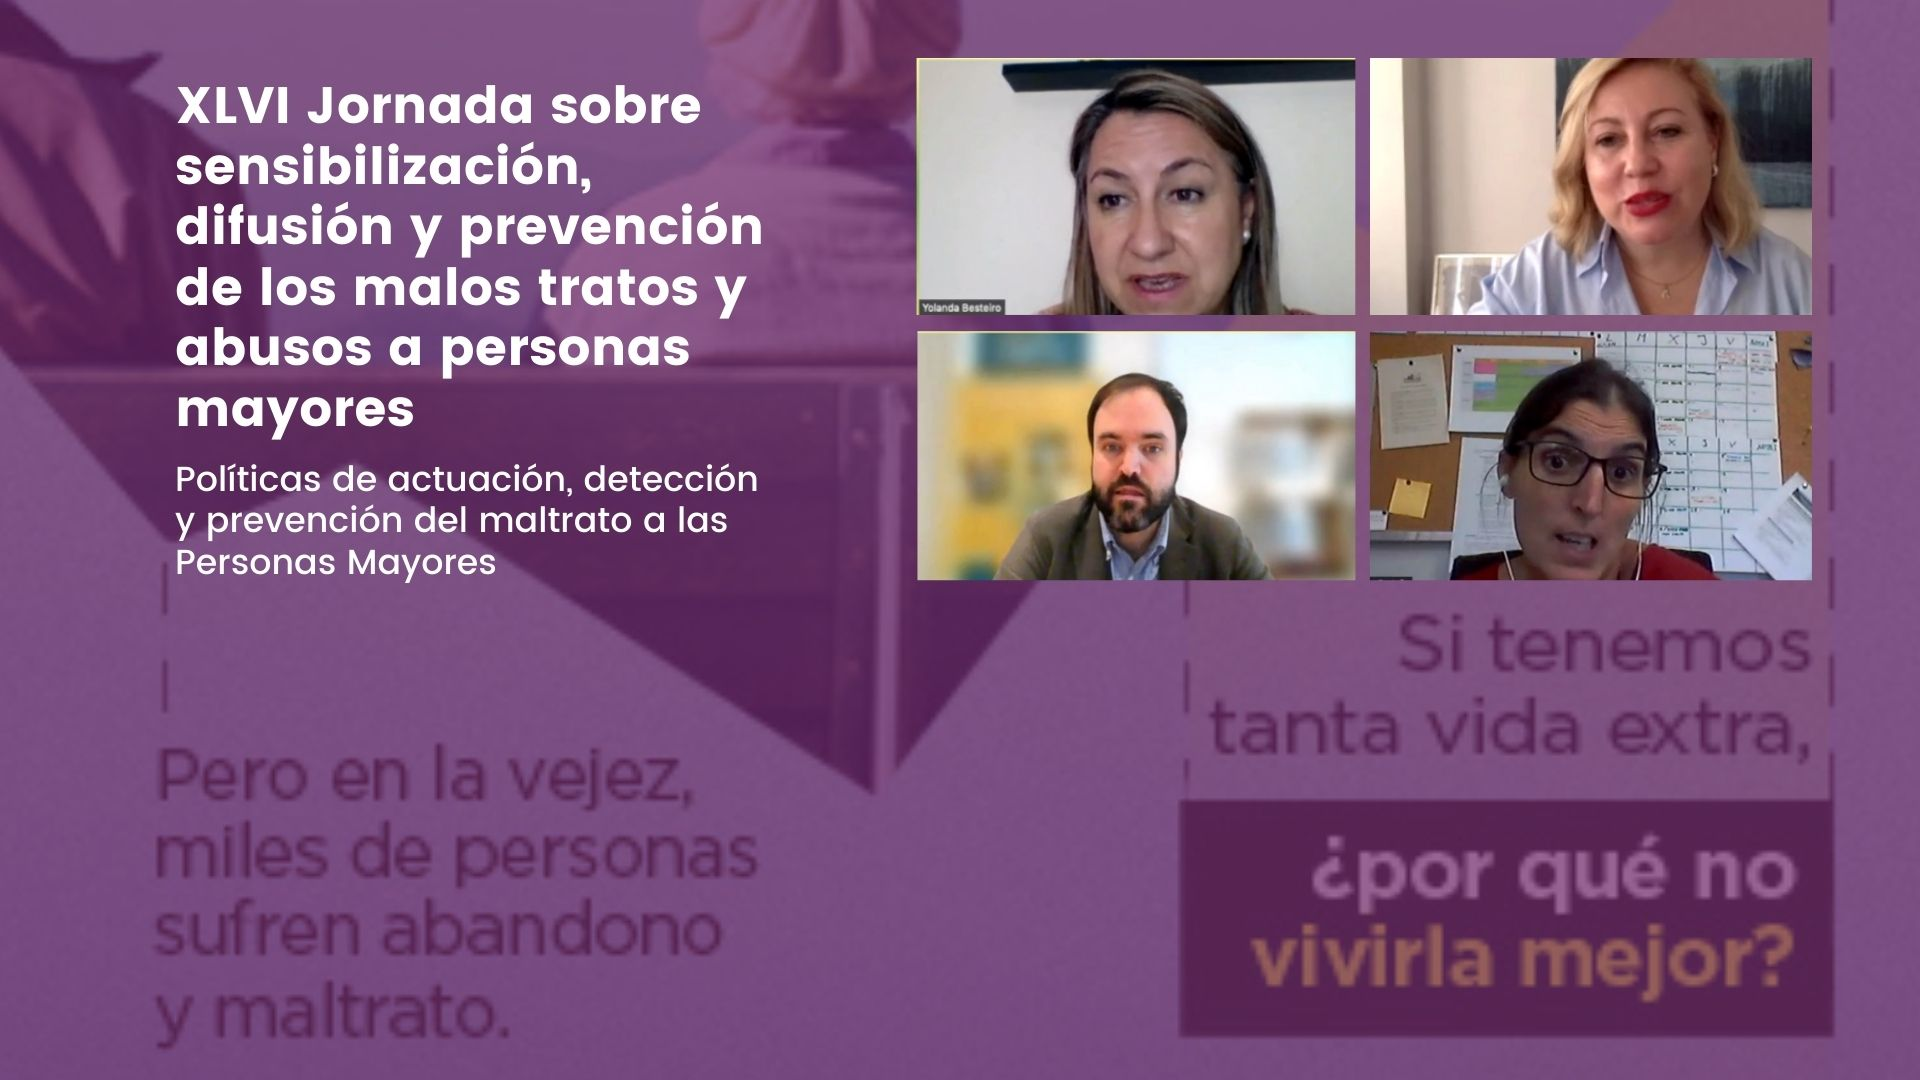 Cronica ponentes XLVI Jornada prevención maltrato